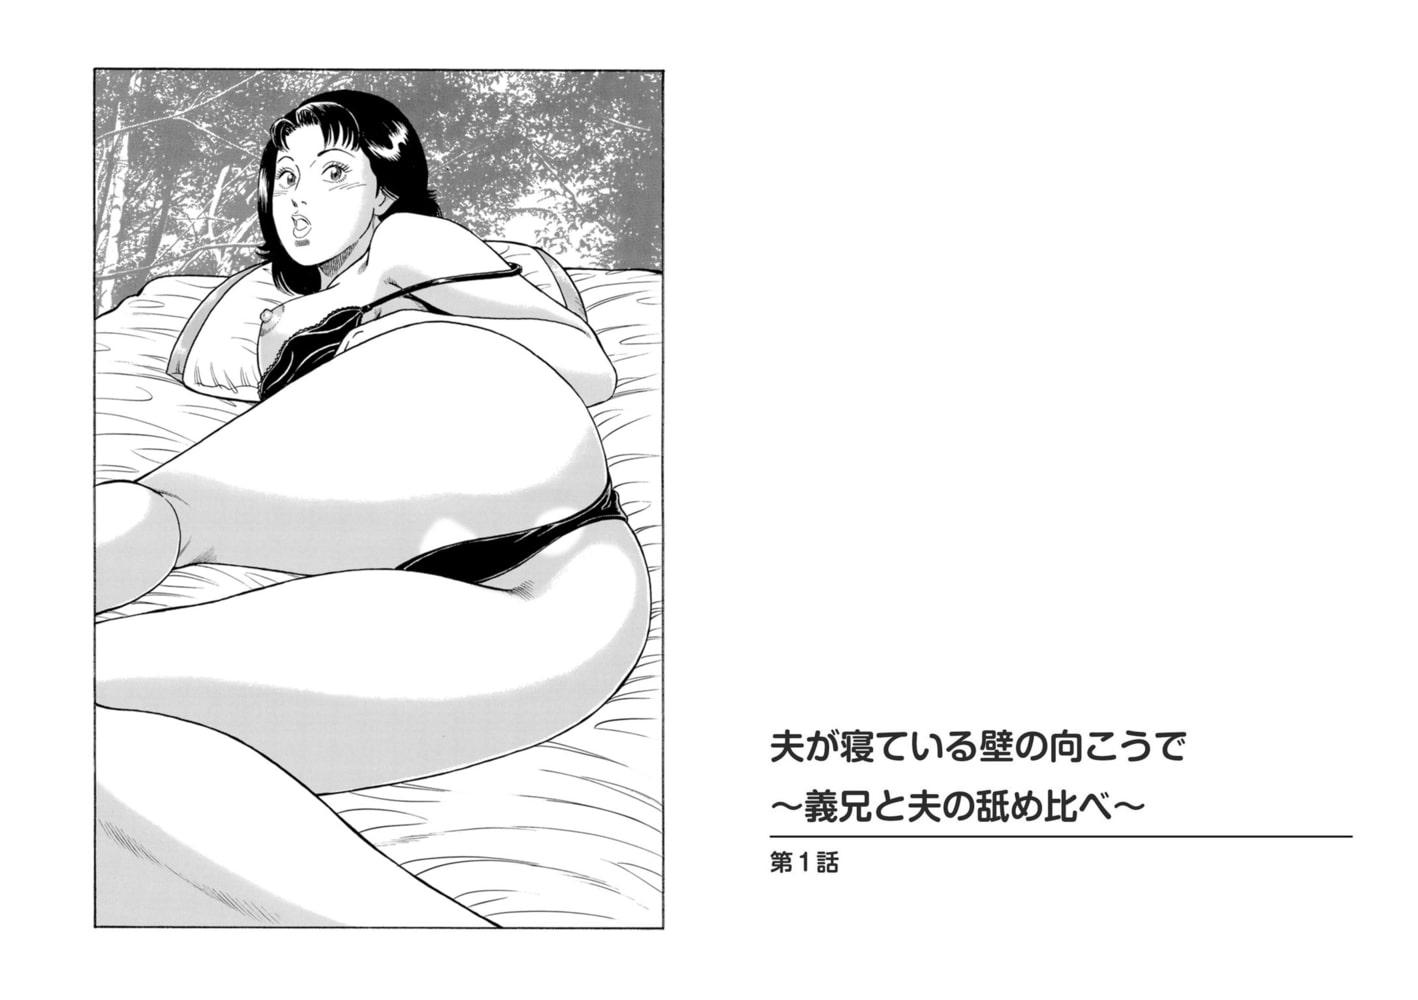 夫が寝ている壁の向こうで~義兄のしゃぶって夫のと舐め比べ~